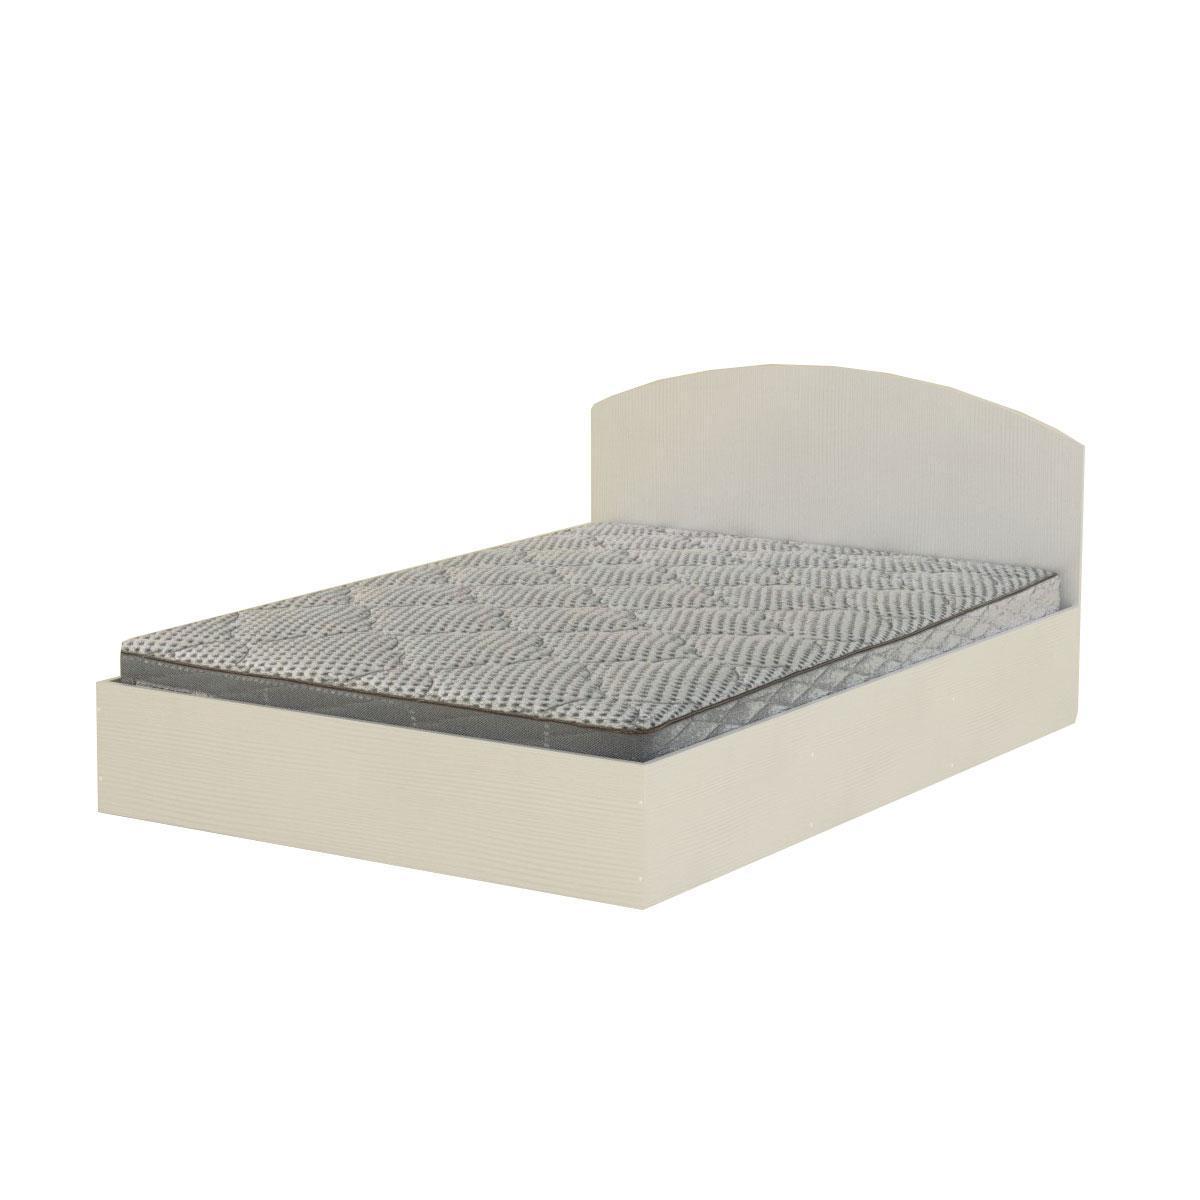 Кровать 160 белый Компанит (164х204х75 см)